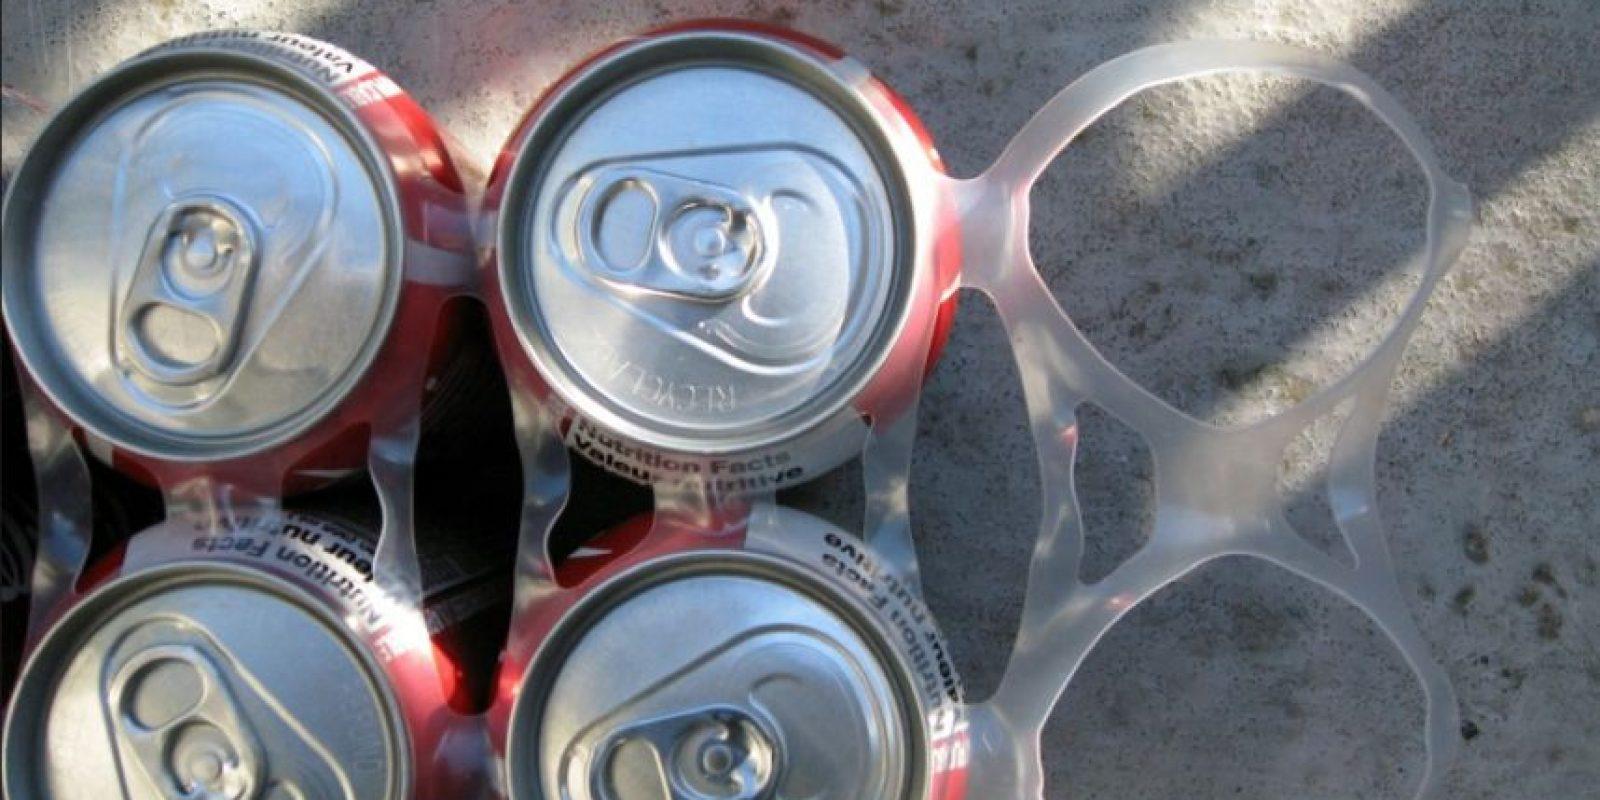 Más del 70 por ciento del plástico que se produce en el mundo termina como desecho. Foto:Flickr.com